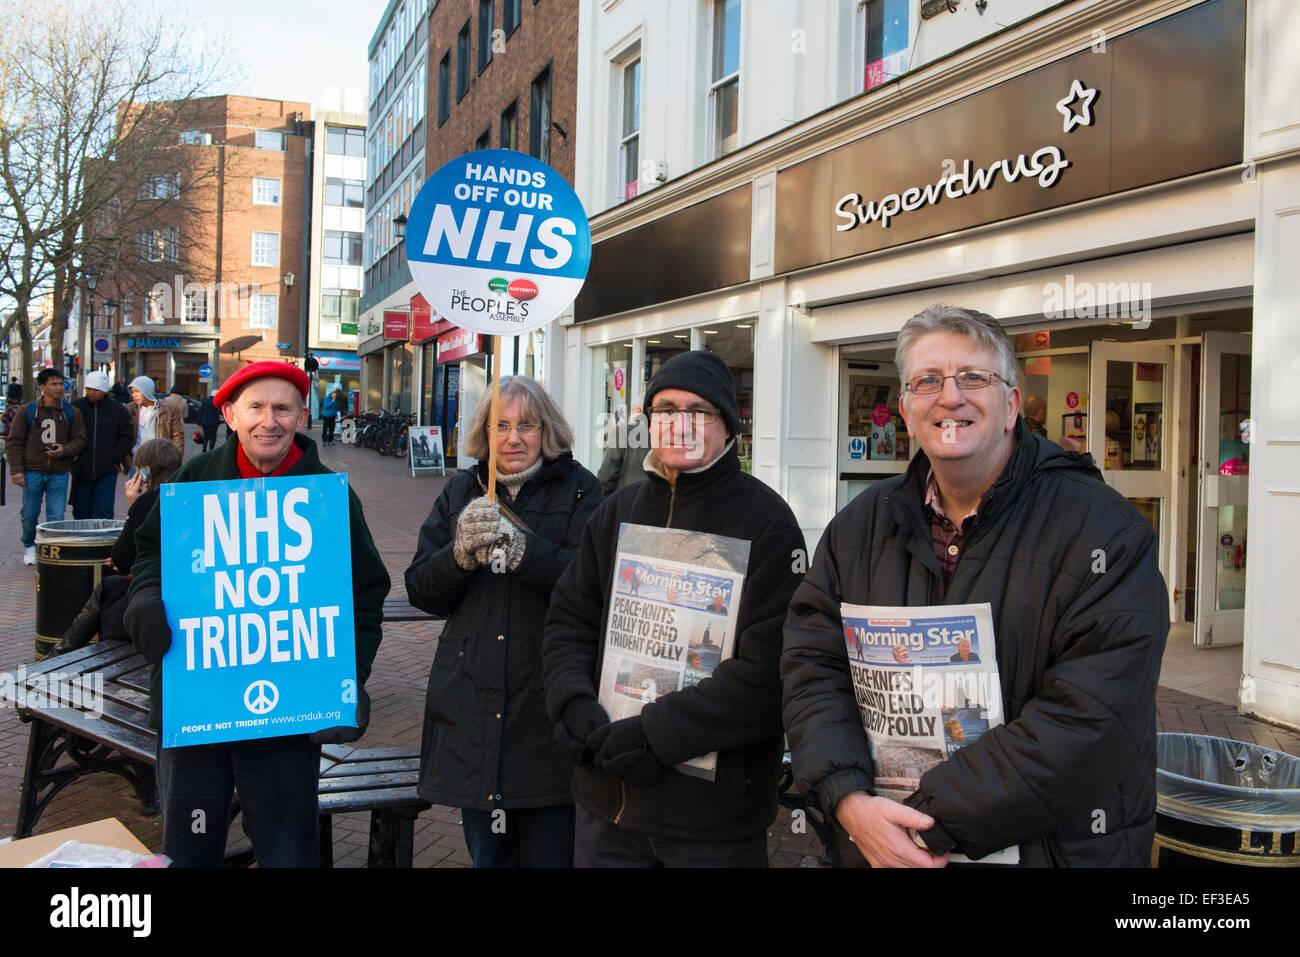 NHS Demonstranten halten Plakate auf Pride Hill in Shrewsbury, Shropshire, England. Stockbild